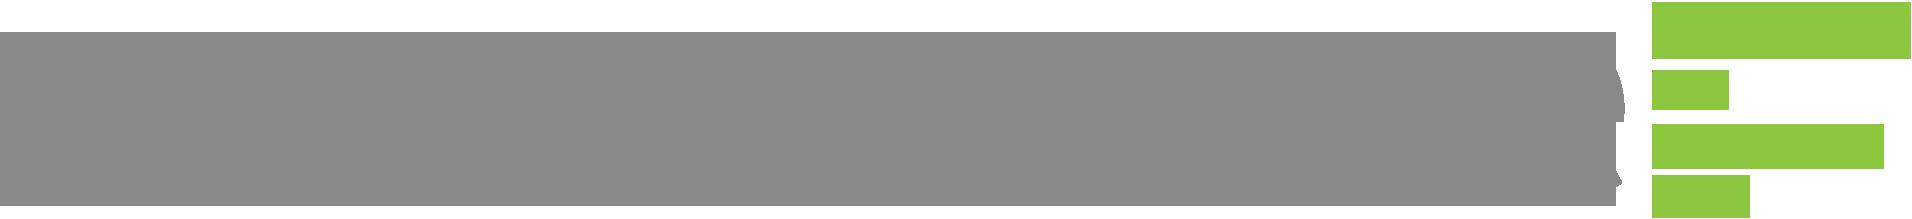 versusone - dingetjes met websites enzo (logo)